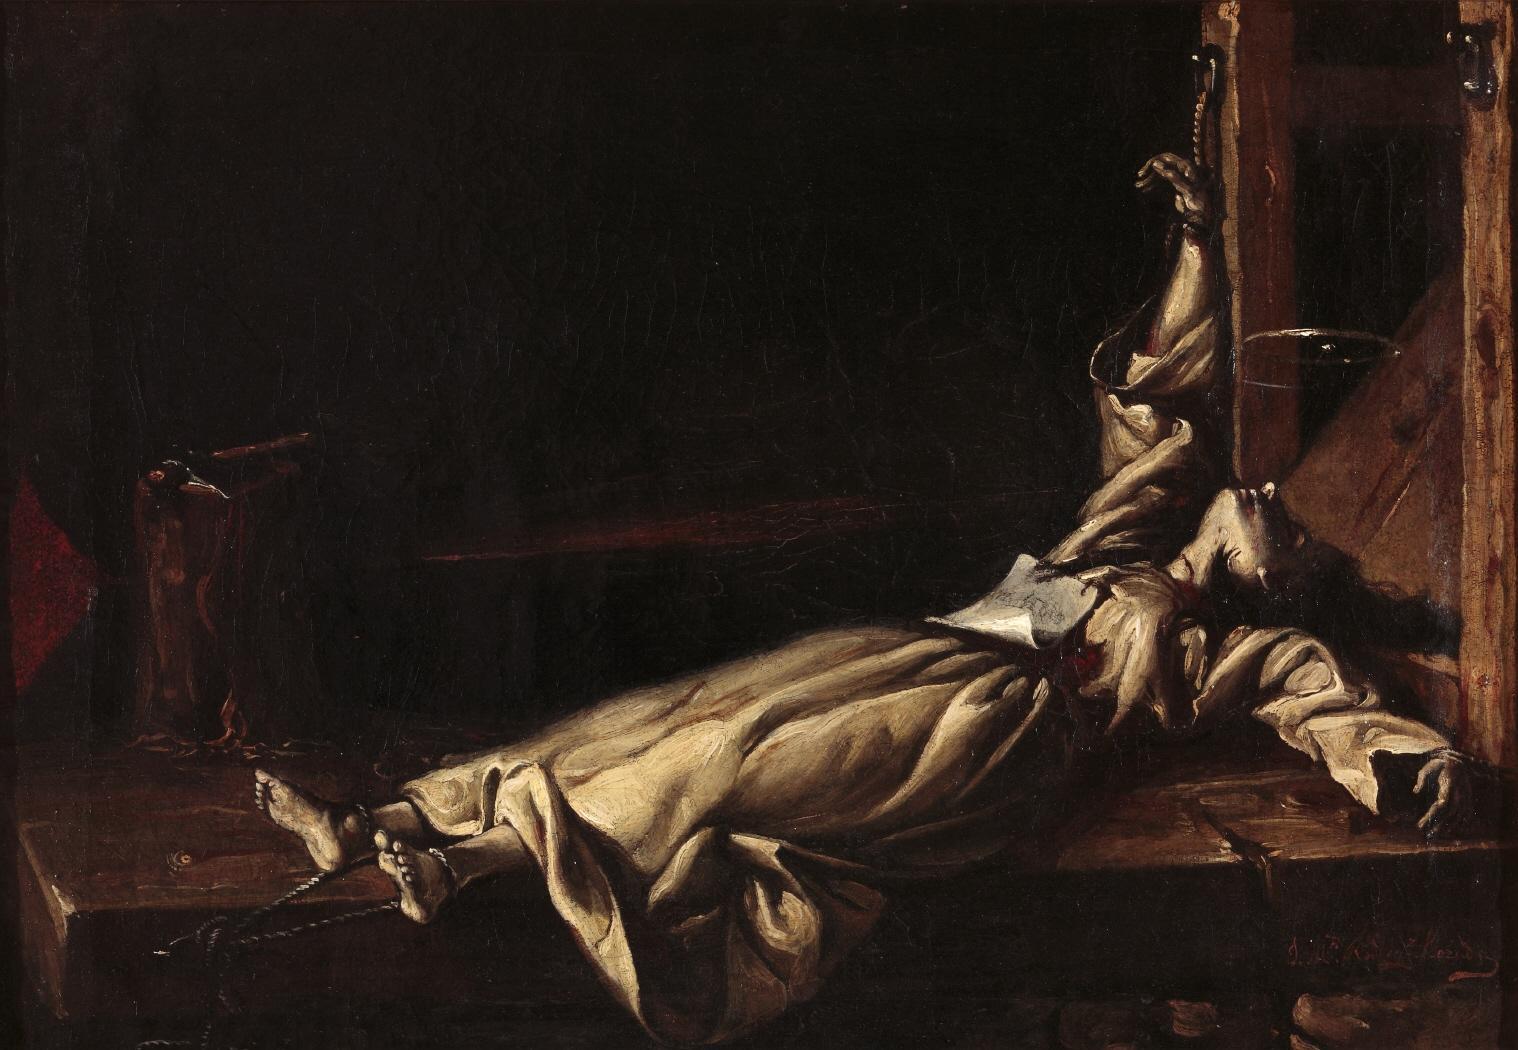 8. Víctima del tormento del potro. Autor desconocido. Óleo sobre lienzo. 1870